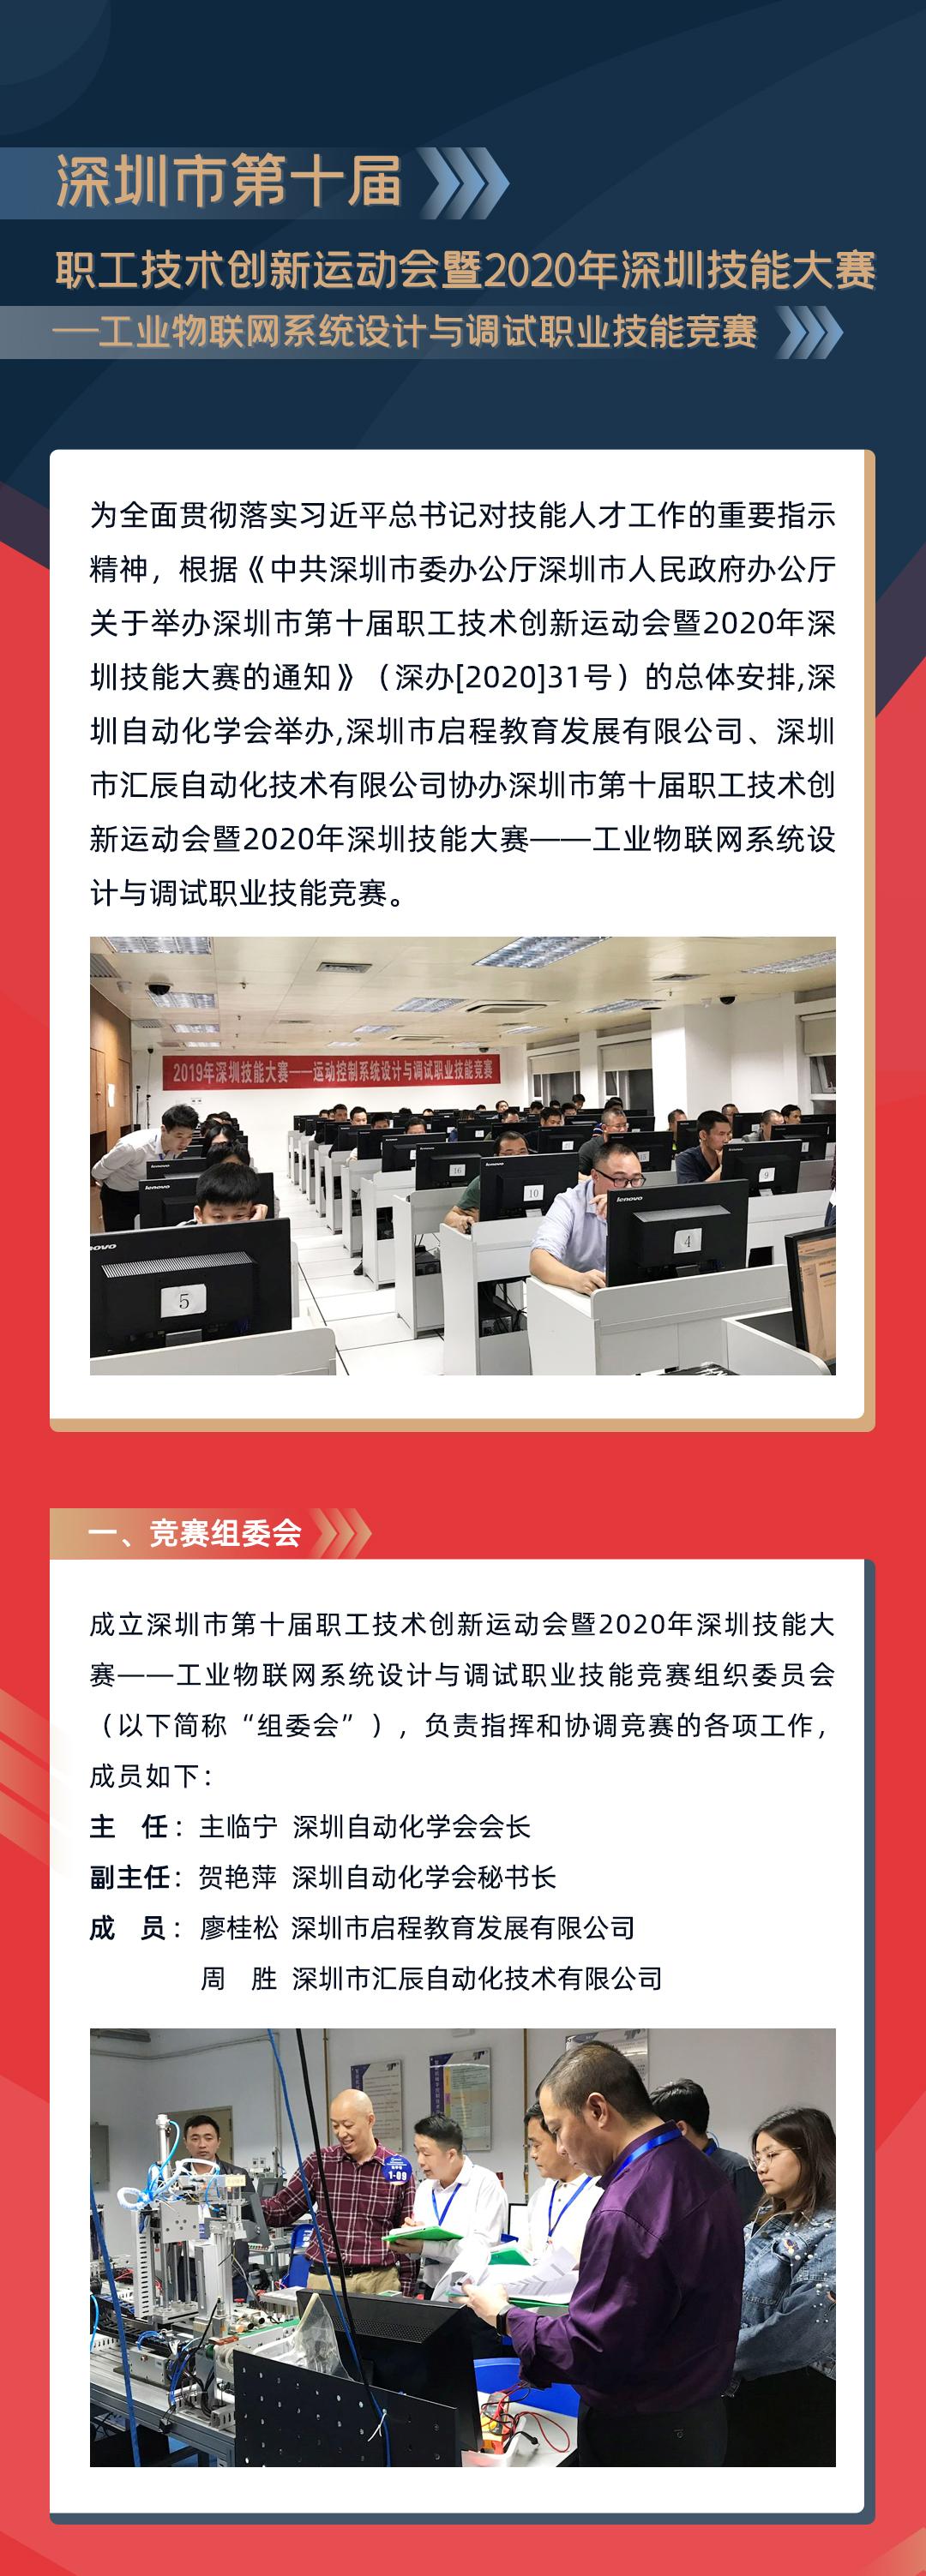 工业物联网系统设计与调试职业技能竞赛 滚烫报名中